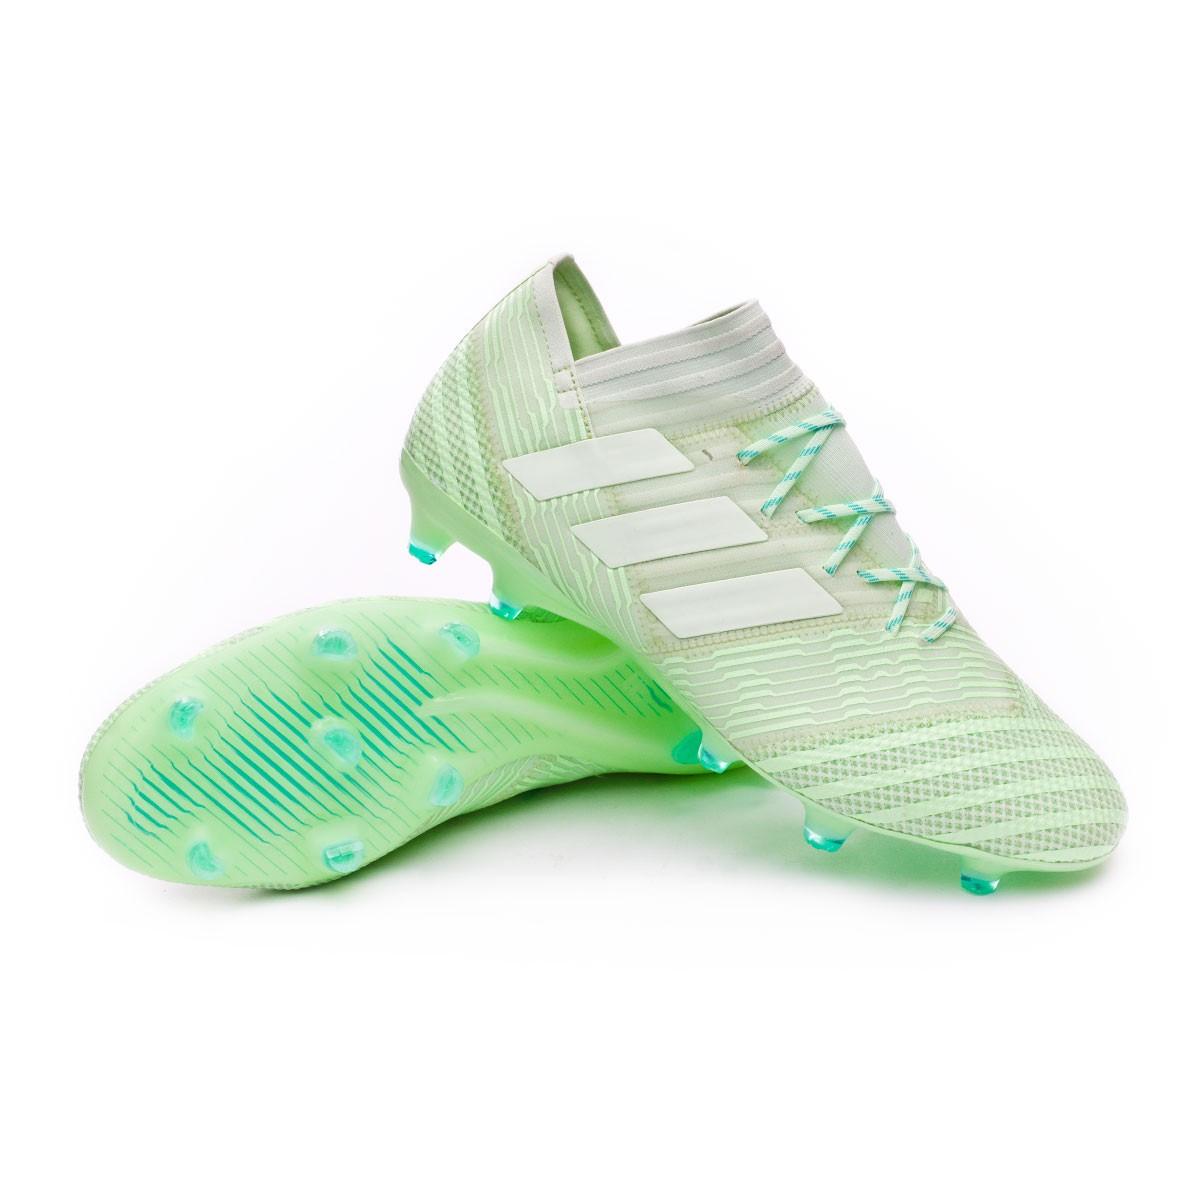 17de25fec Football Boots adidas Nemeziz 17.1 FG Aero green-Hi-res green ...